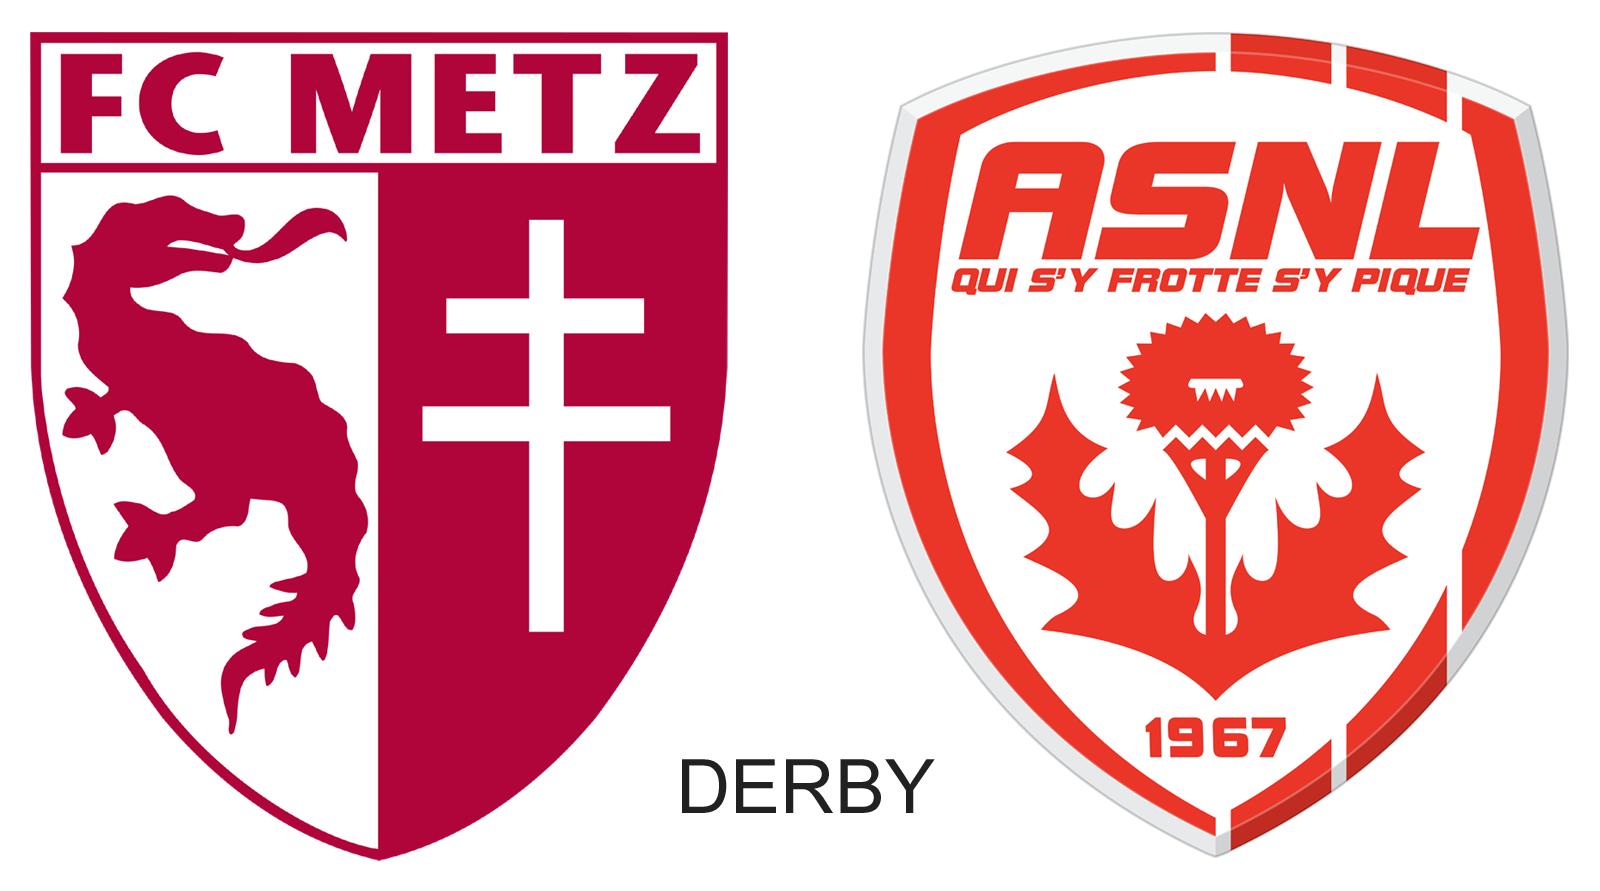 Le FC Metz etl'AS Nancyse neutralisent, résumé d'un match pénible